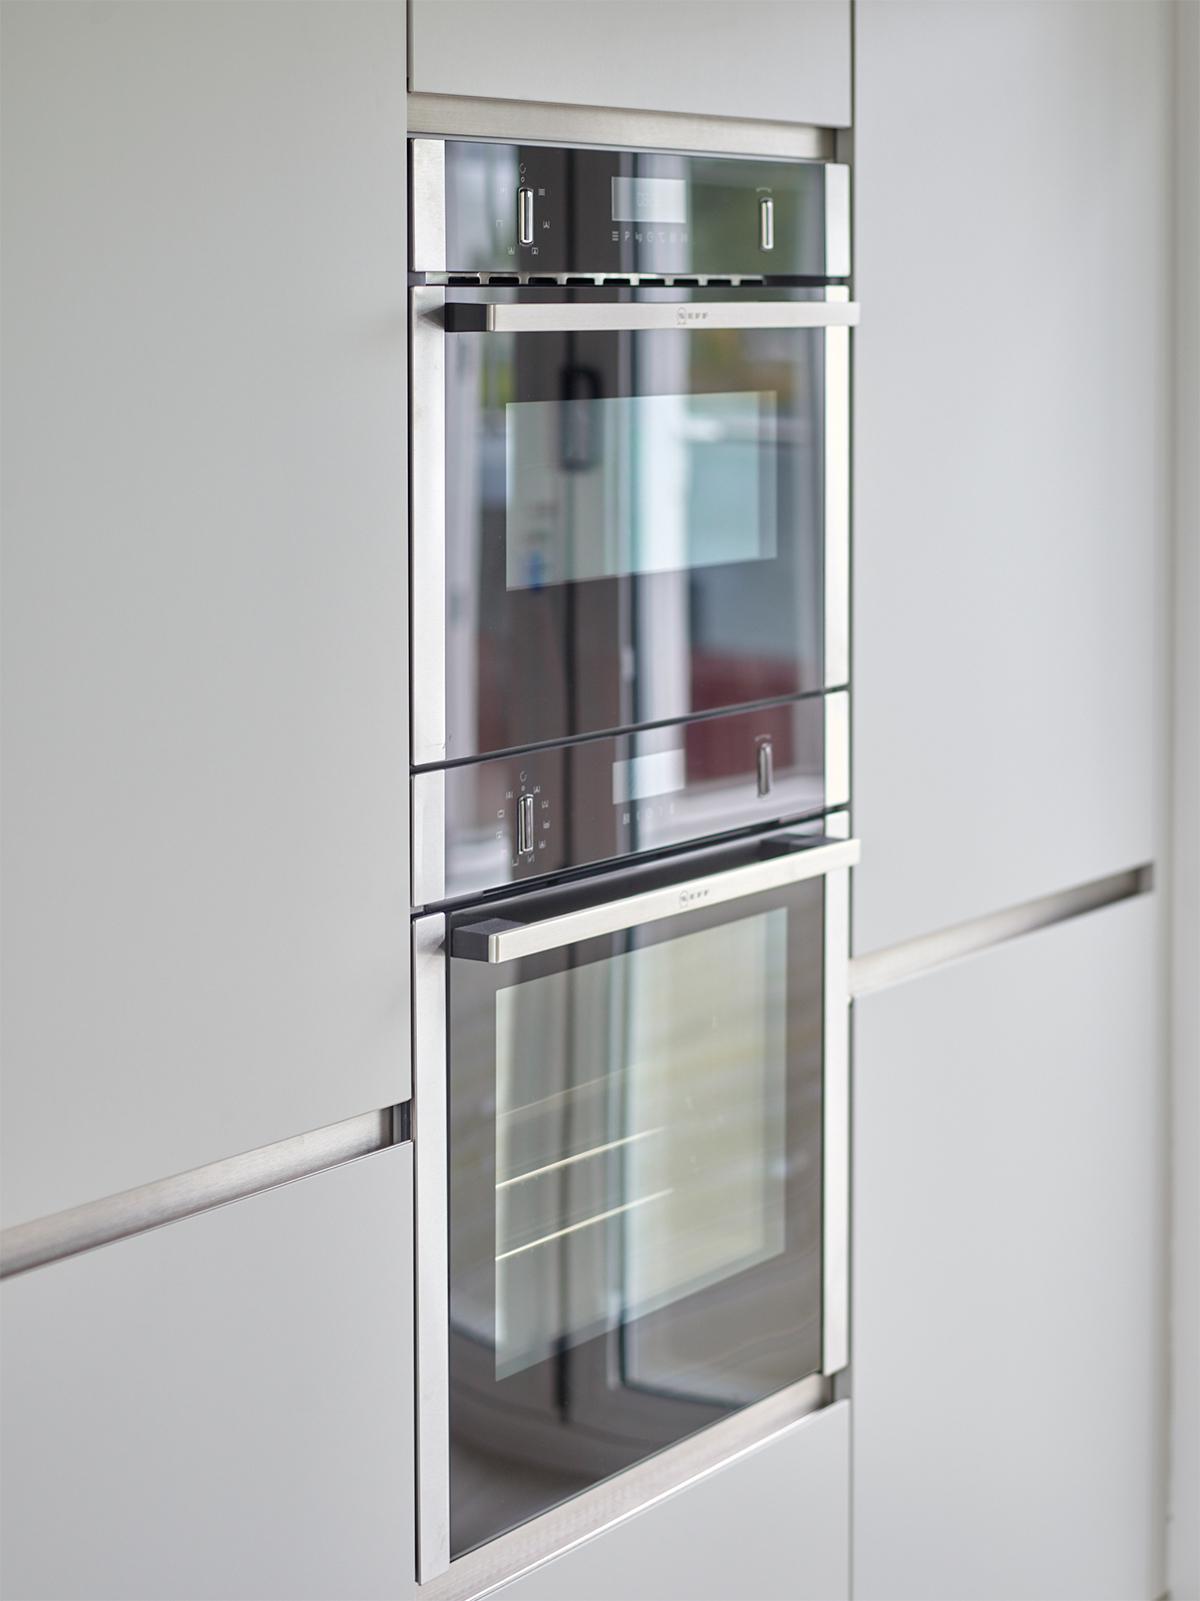 Watermark_Homes_Kitchen_6.jpg